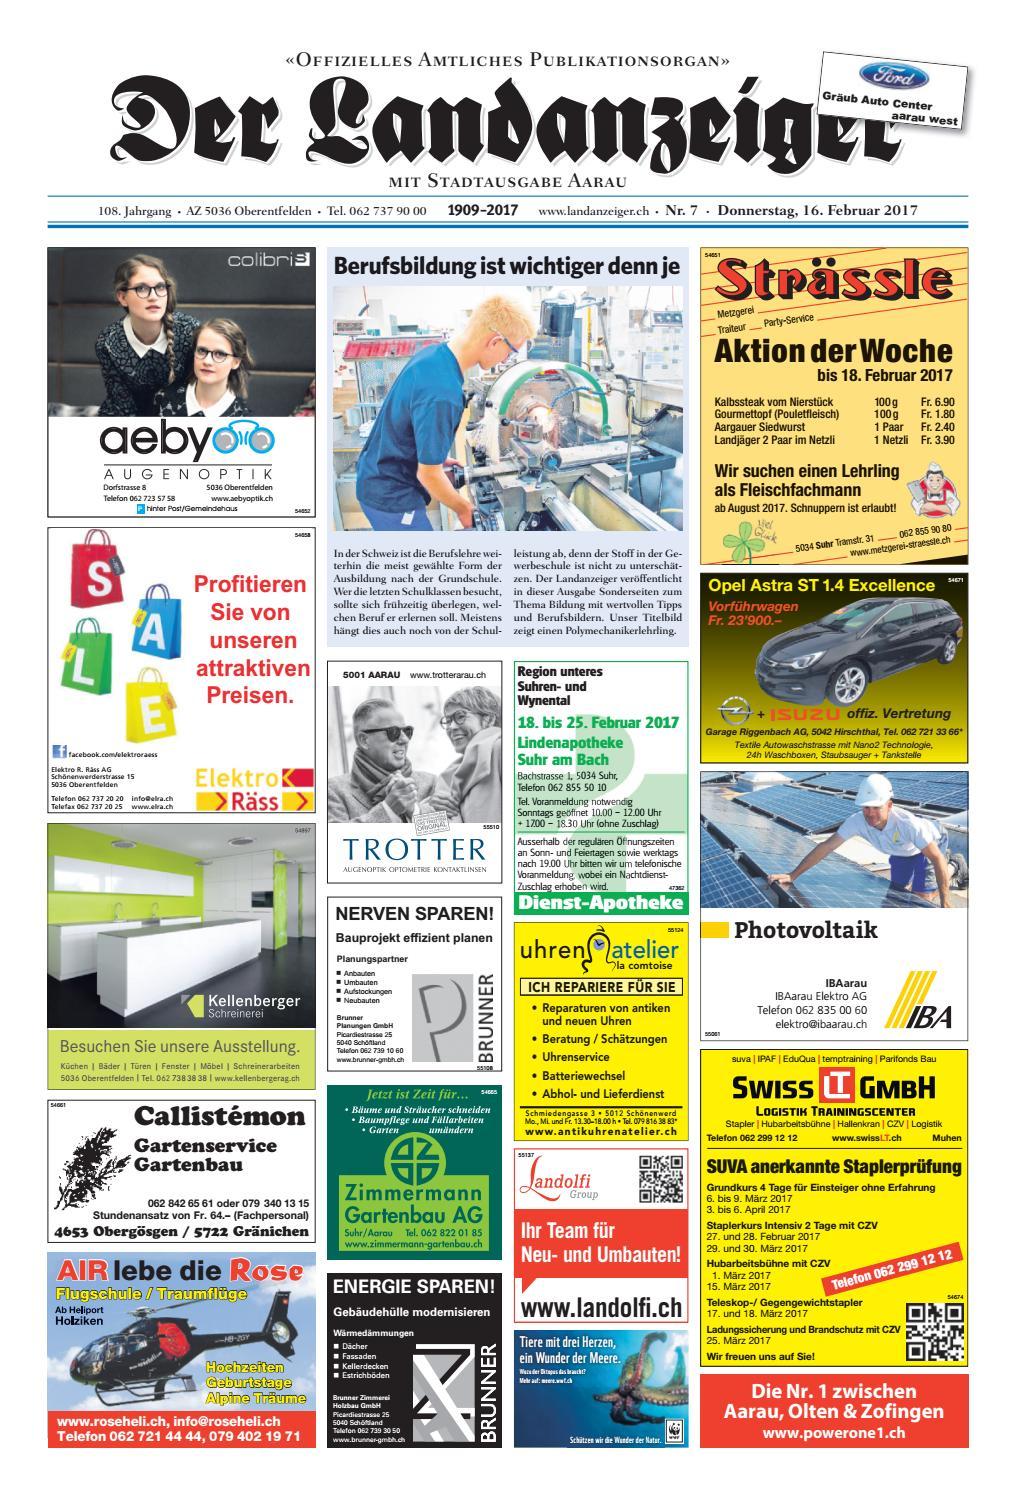 Der Landanzeiger 07 17 By ZT Me N AG Issuu